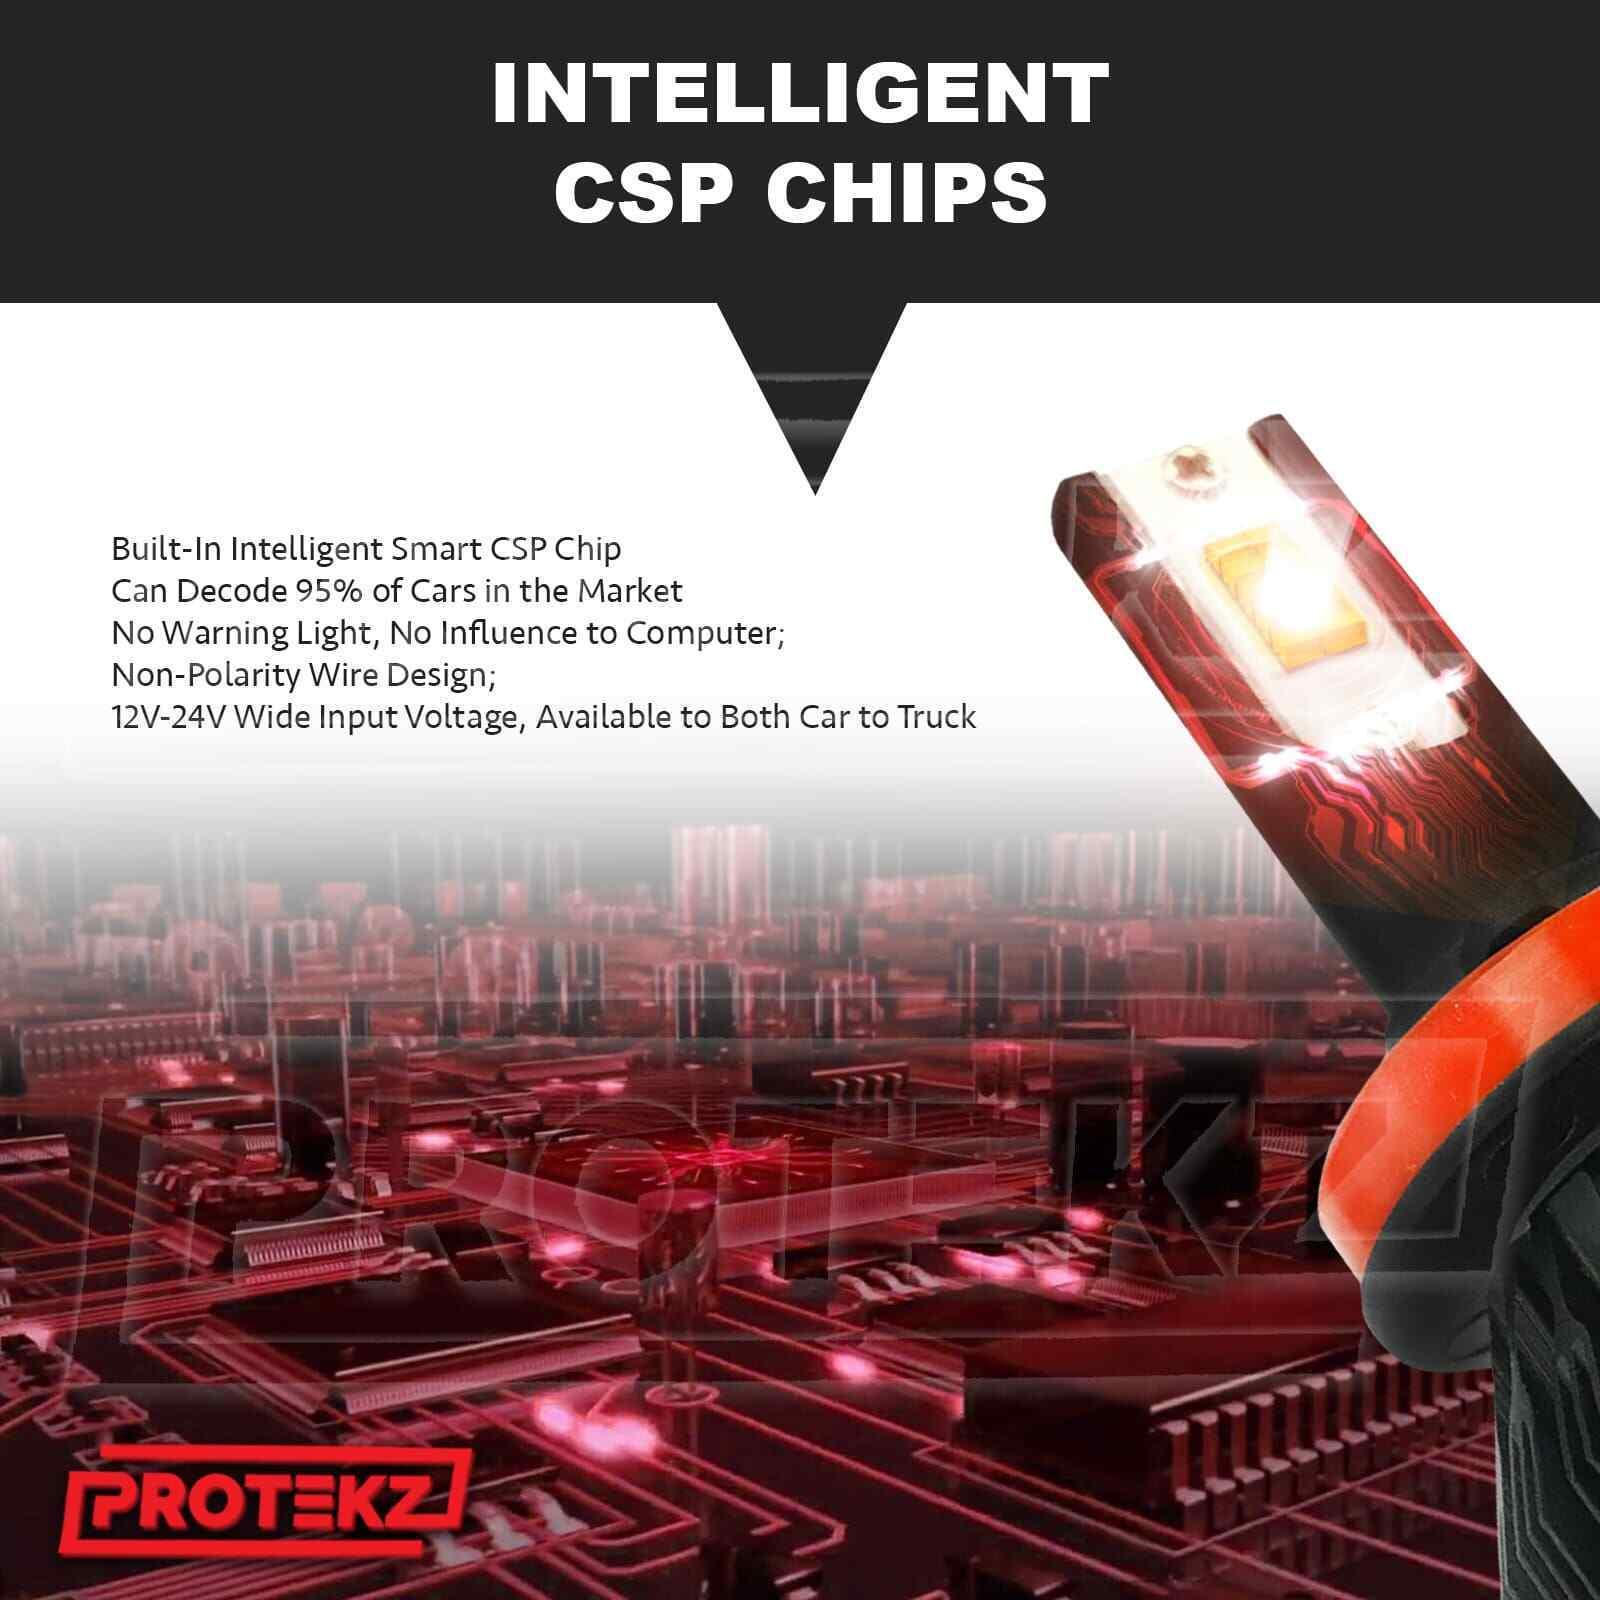 LED Headlight Protekz Kit Hb5 9007 Hi Lo 6000K for 2004-2011 MITSUBISHI ENDEAVOR